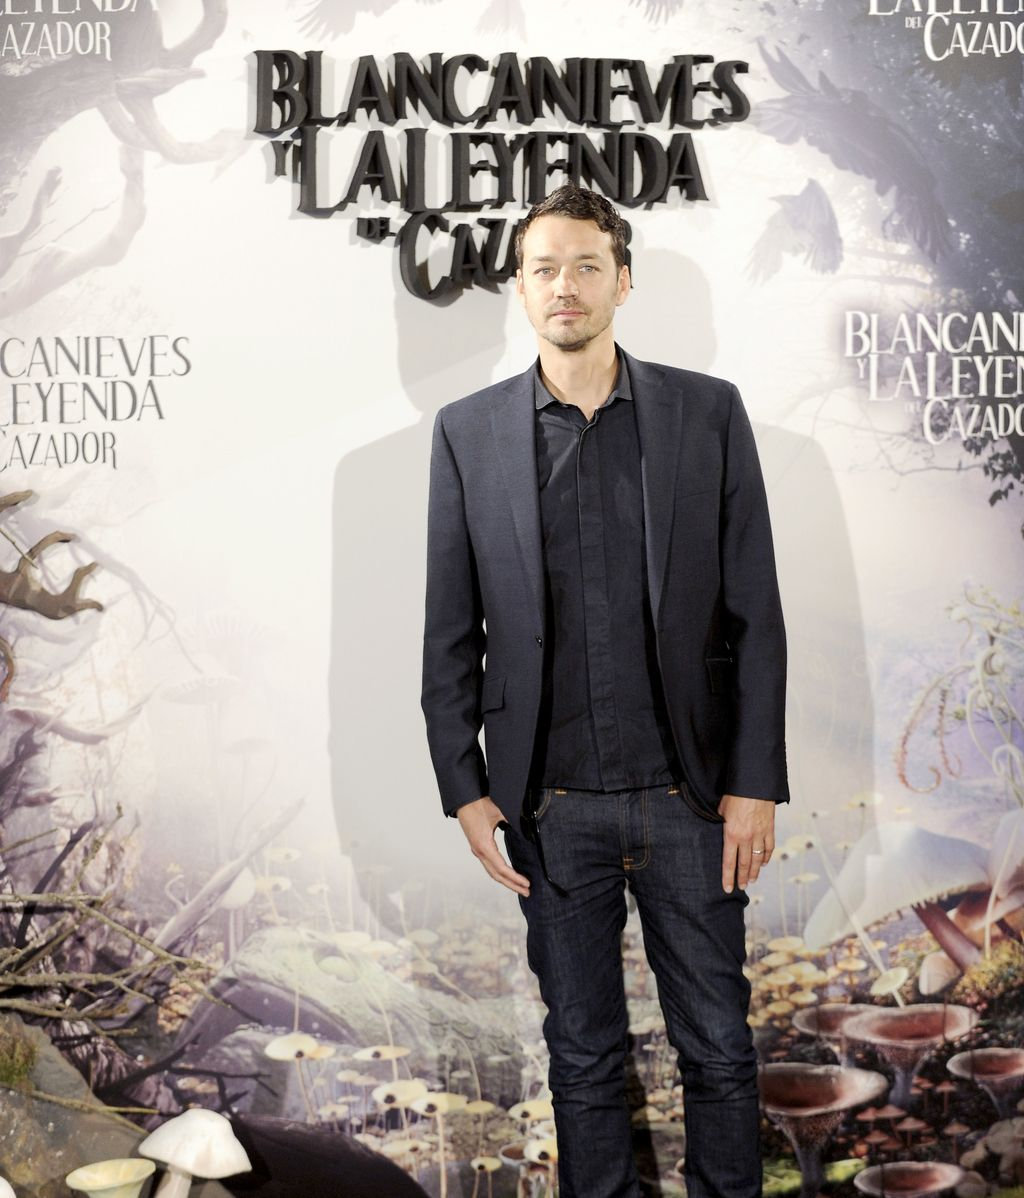 Rupert Sanders, director de Blancanieves y la leyenda del cazador